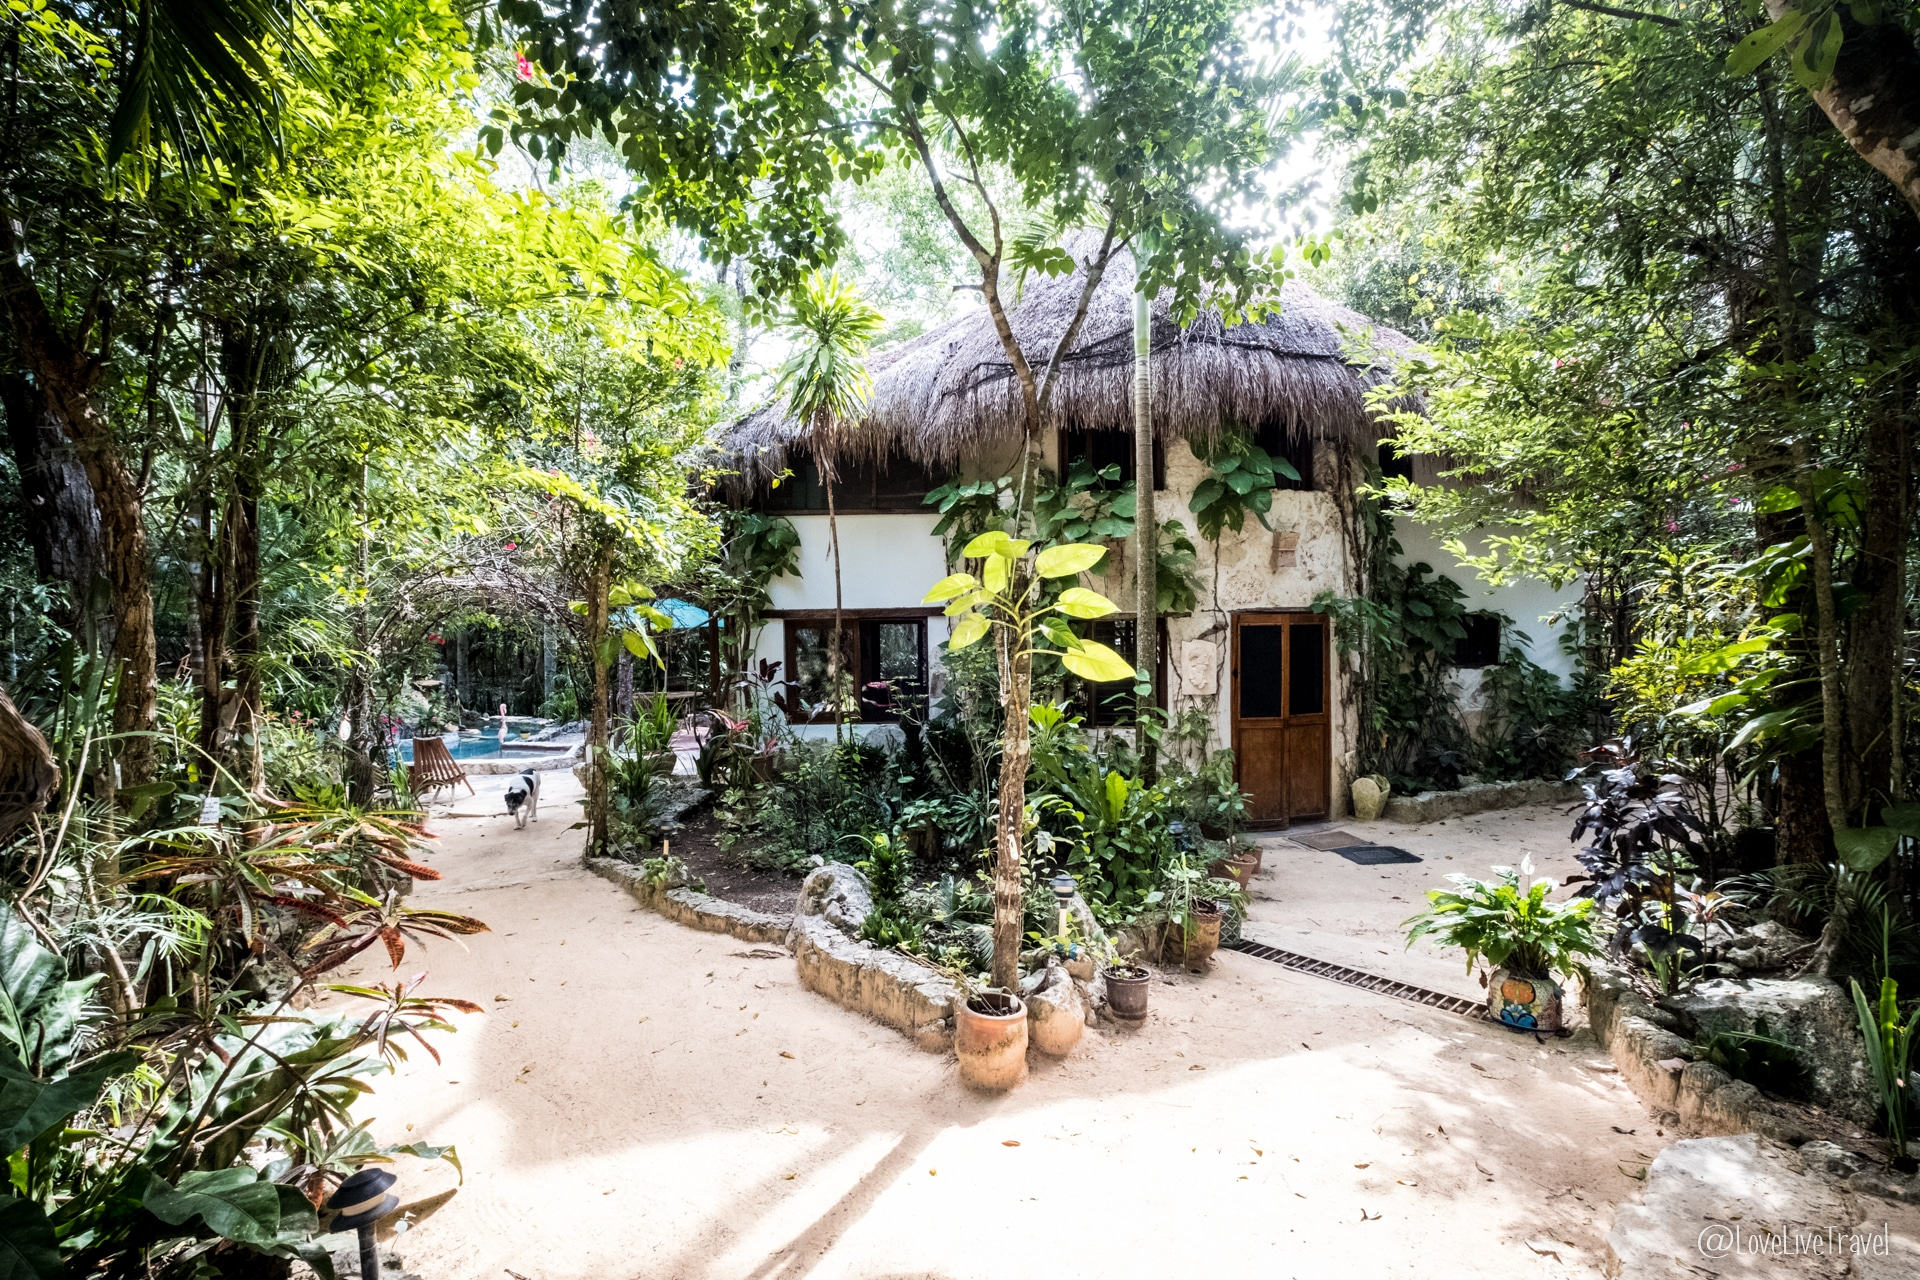 la selva mariposa une chambre d hà te au cŠur de la jungle de tulum